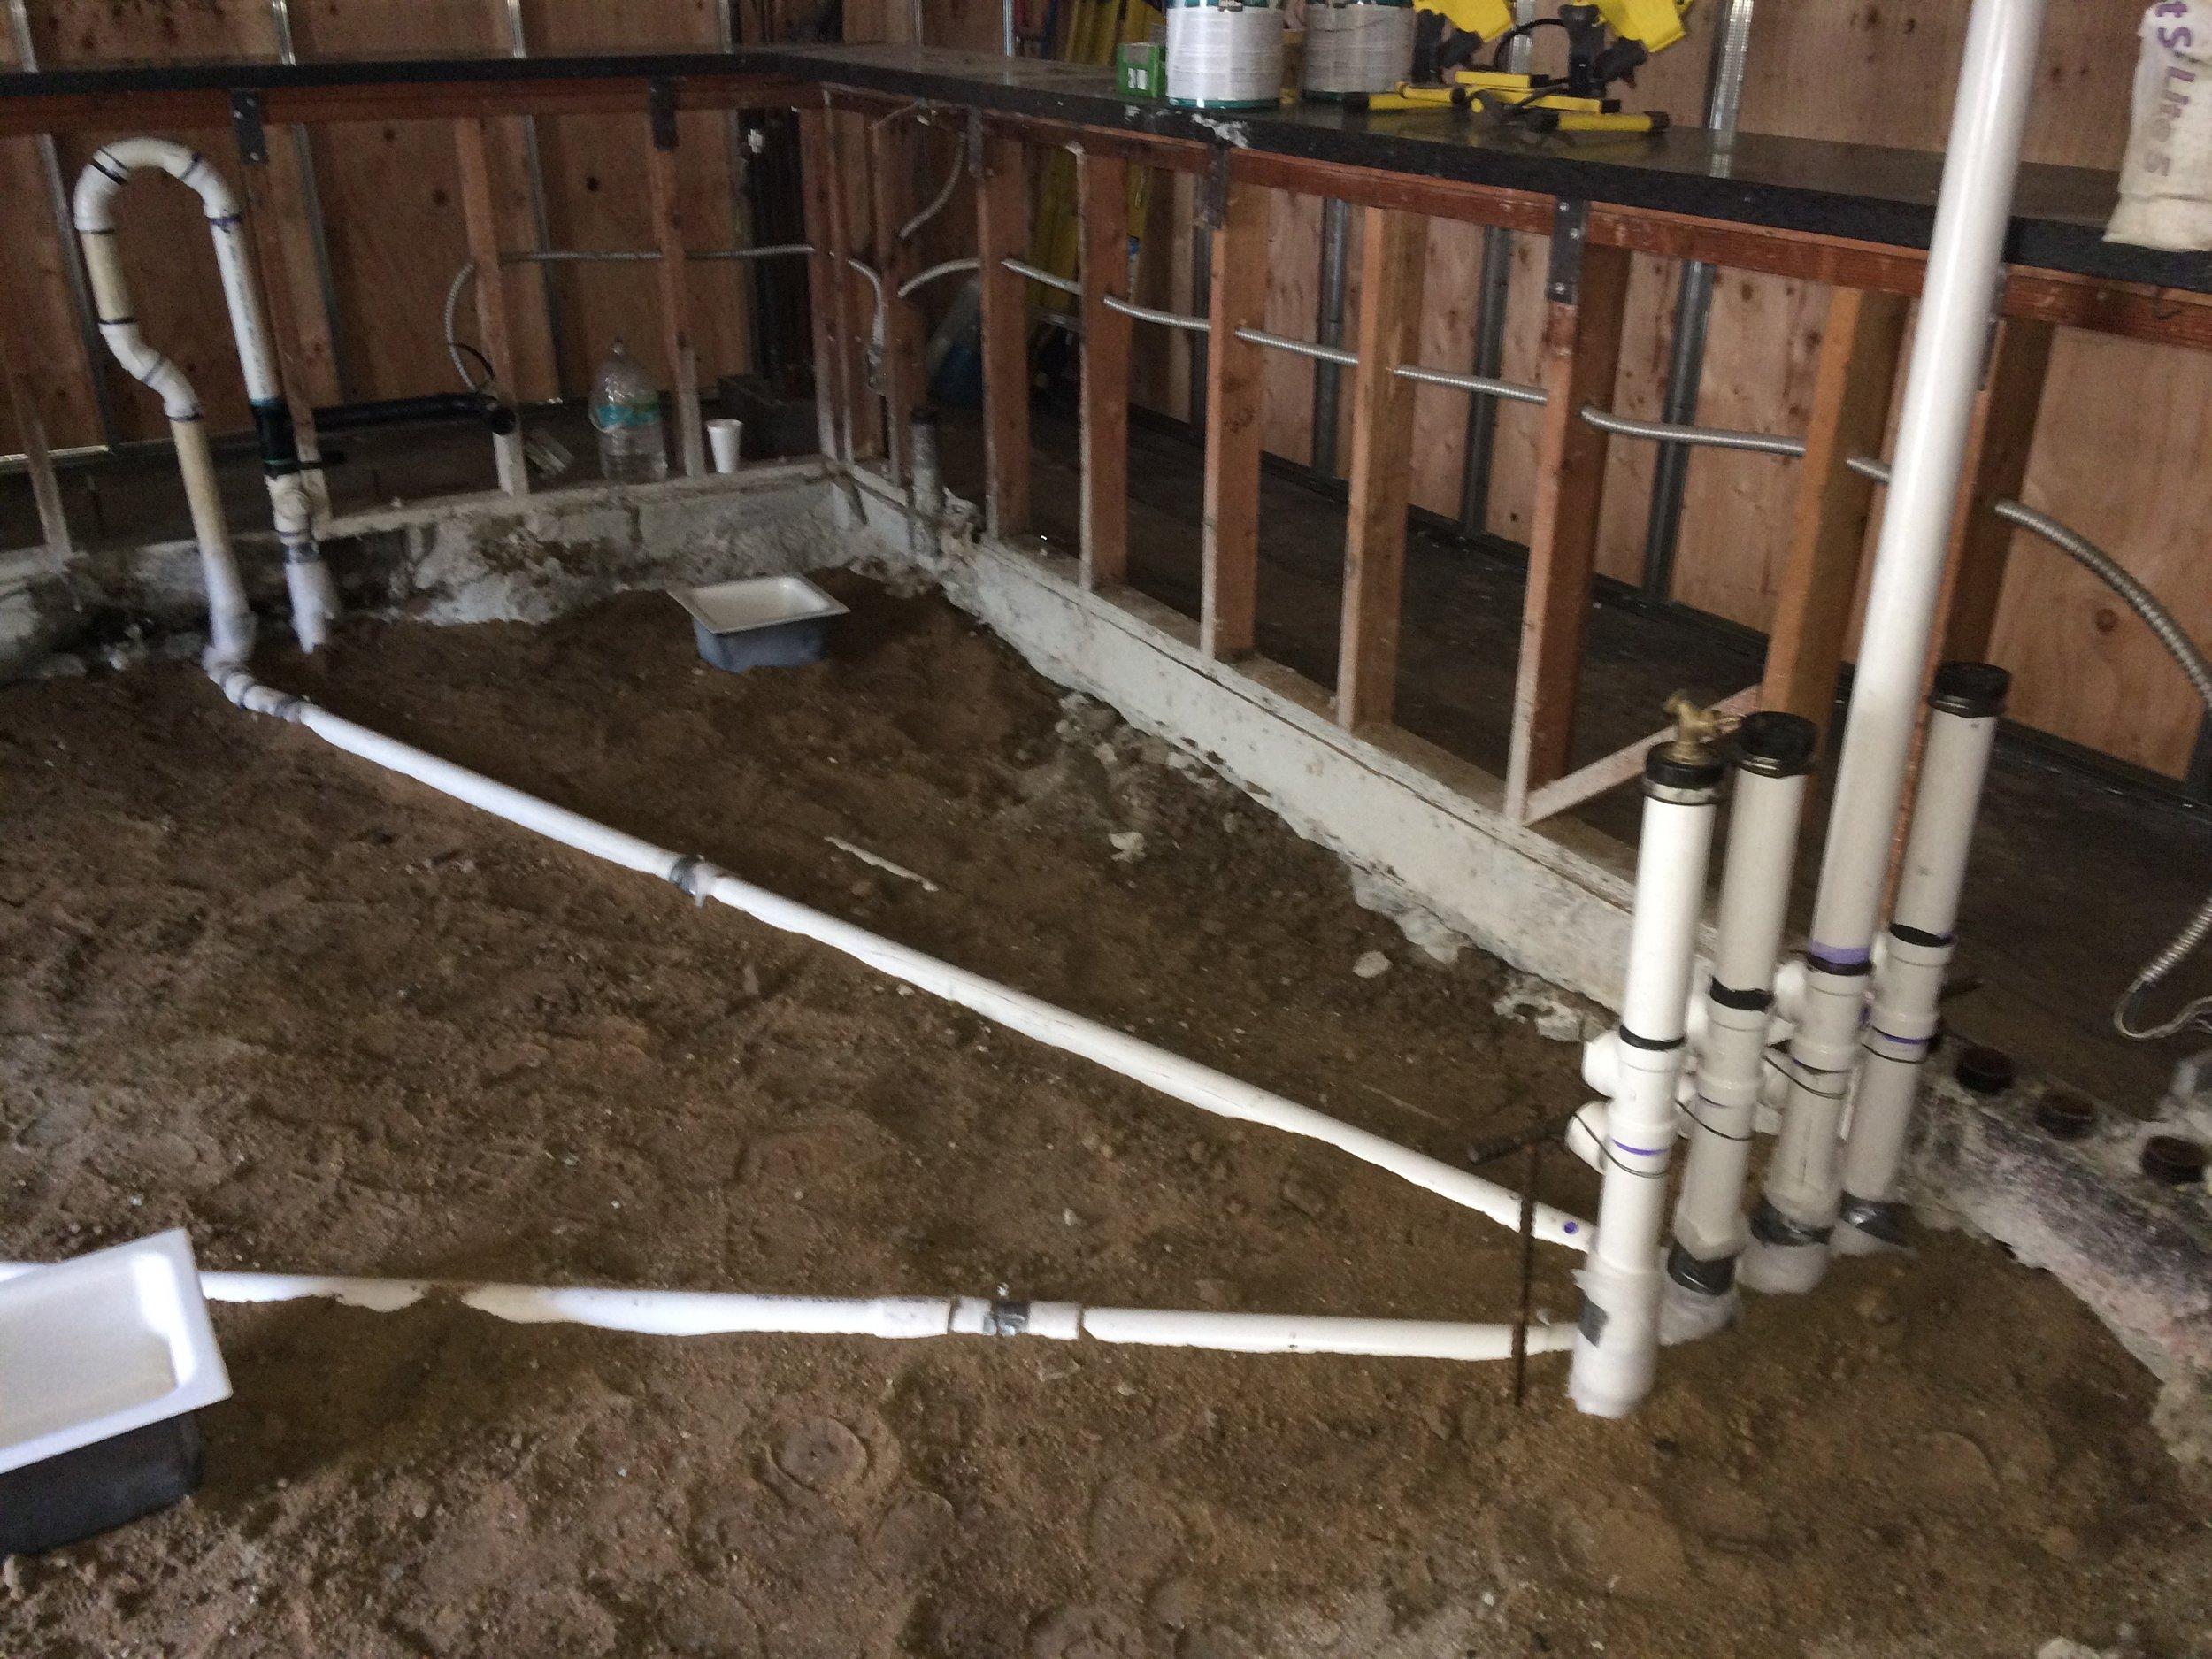 New plumbing.